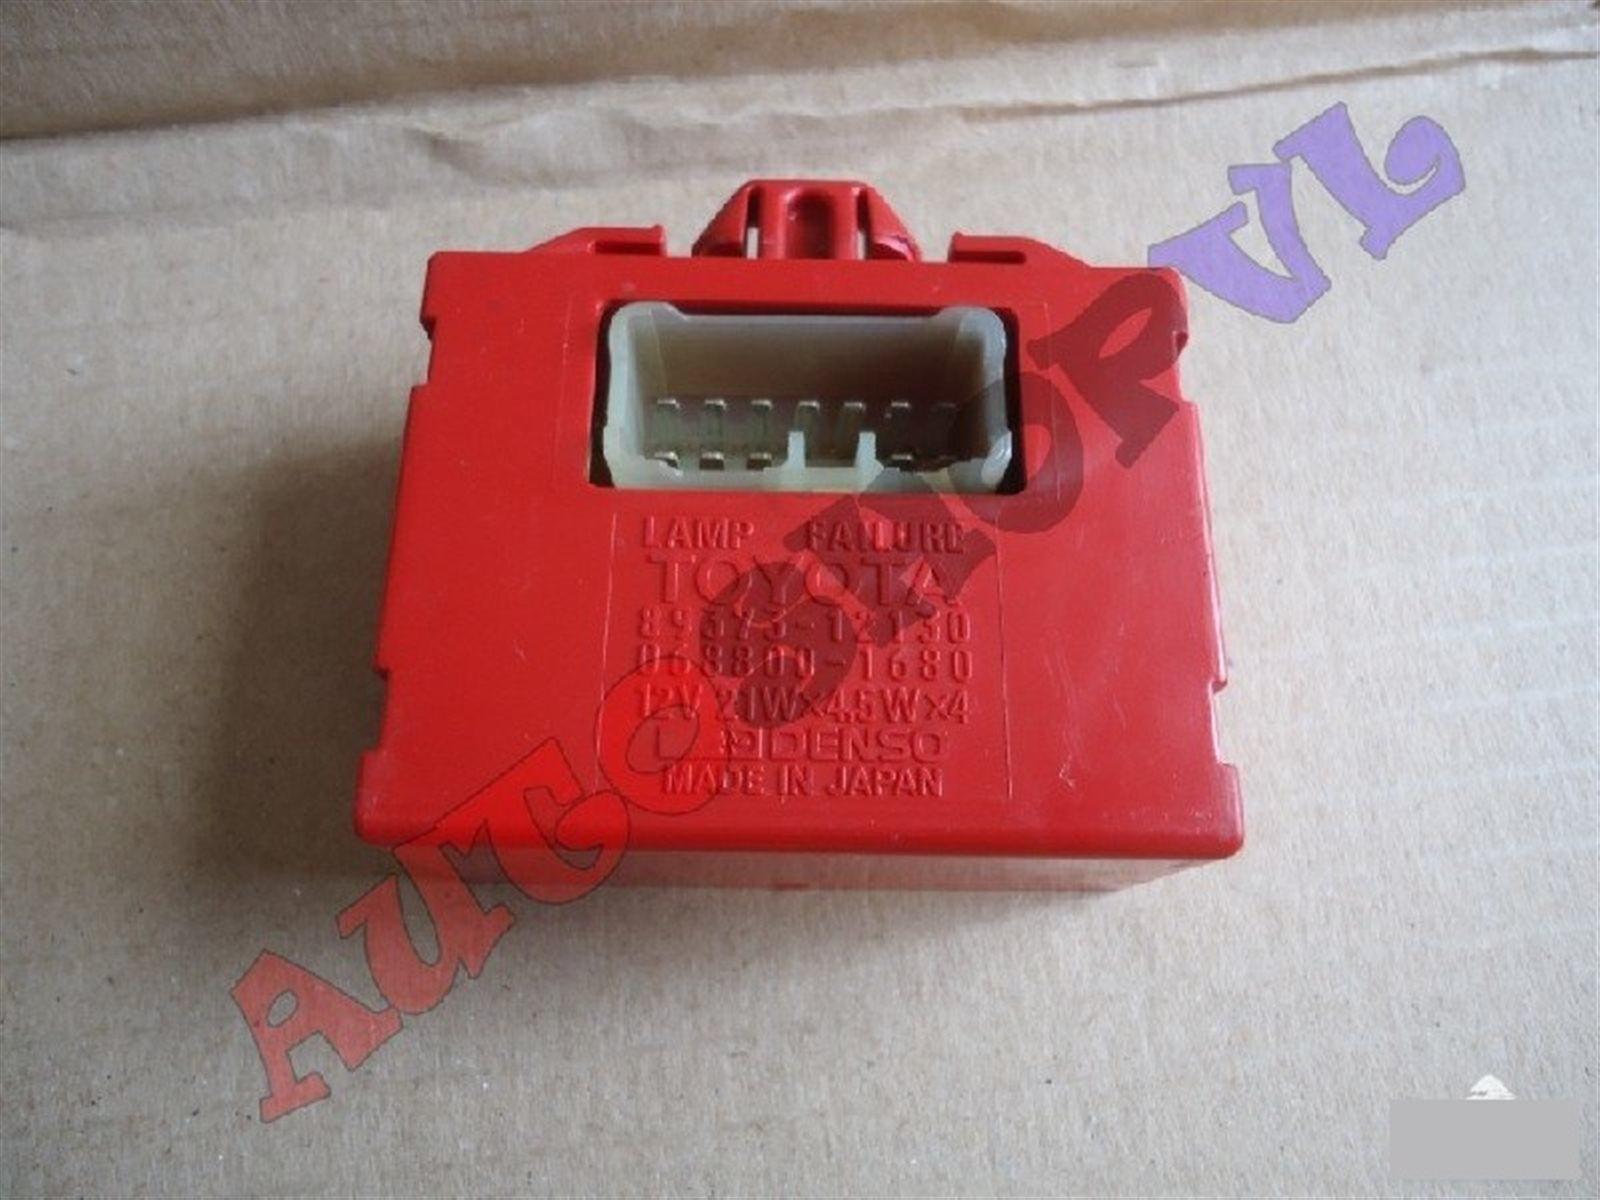 Блок контроля исправности ламп TOYOTA 89373-12130 контрактная